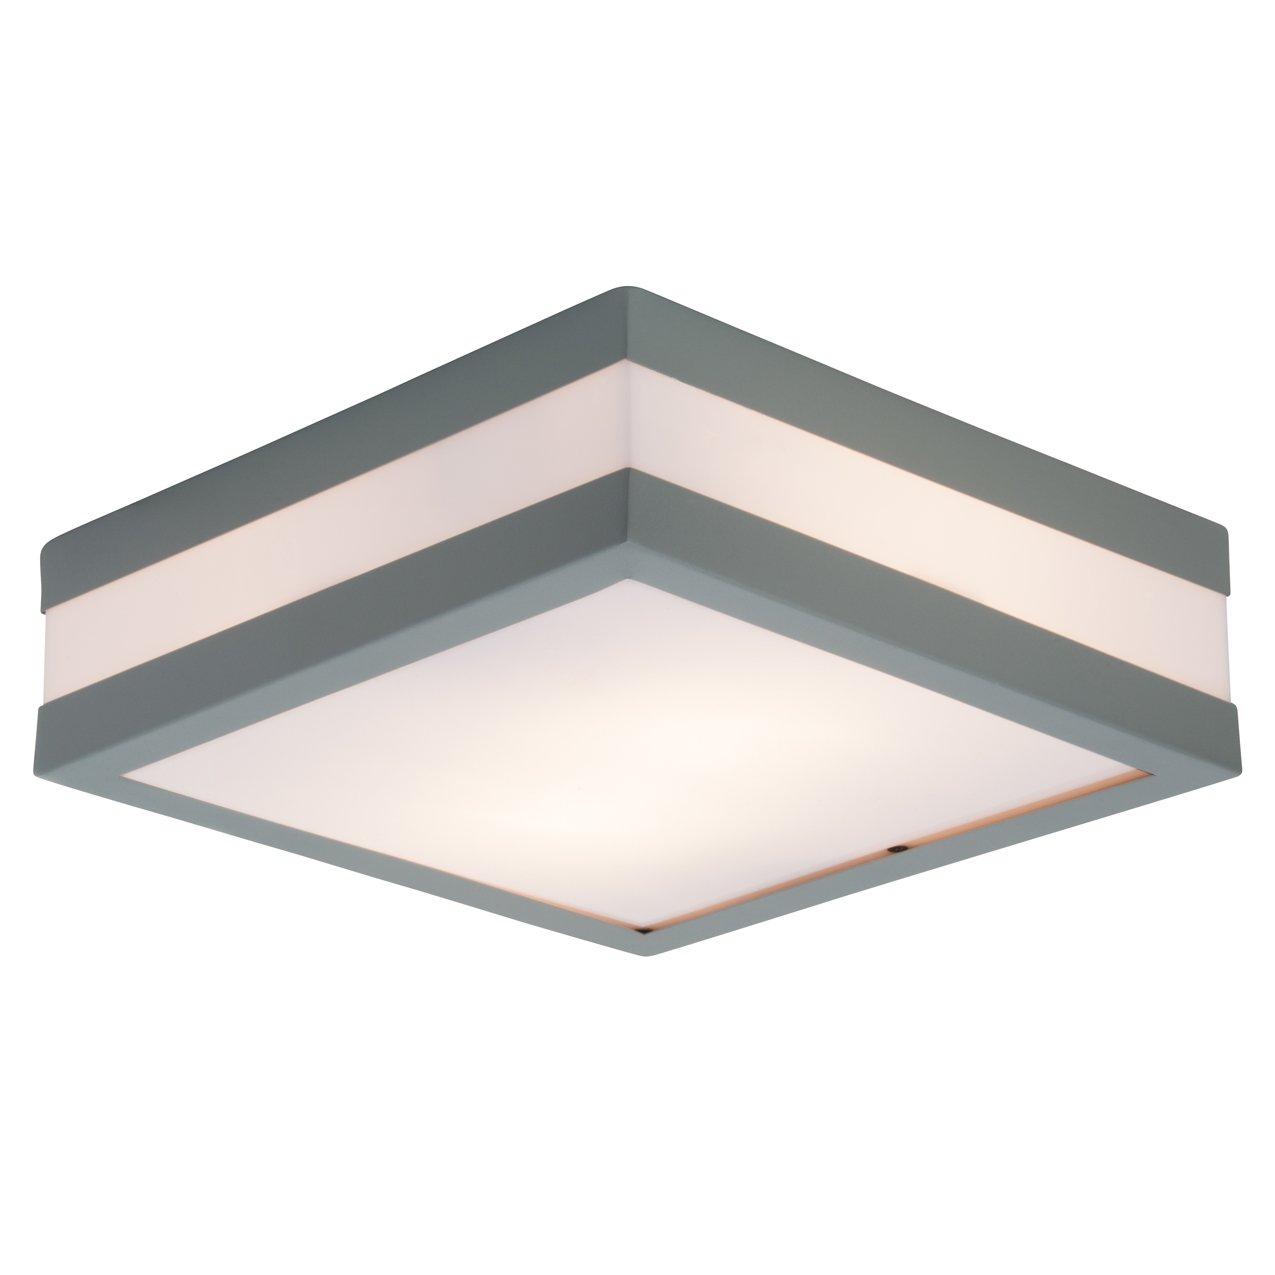 Brilliant Matteo Außendeckenleuchte Wandleuchte 29x29cm 29x29cm 29x29cm spritzwassergeschützt grau weiß, 2x E27 geeignet für Normallampen bis max. 11W 0ae50b